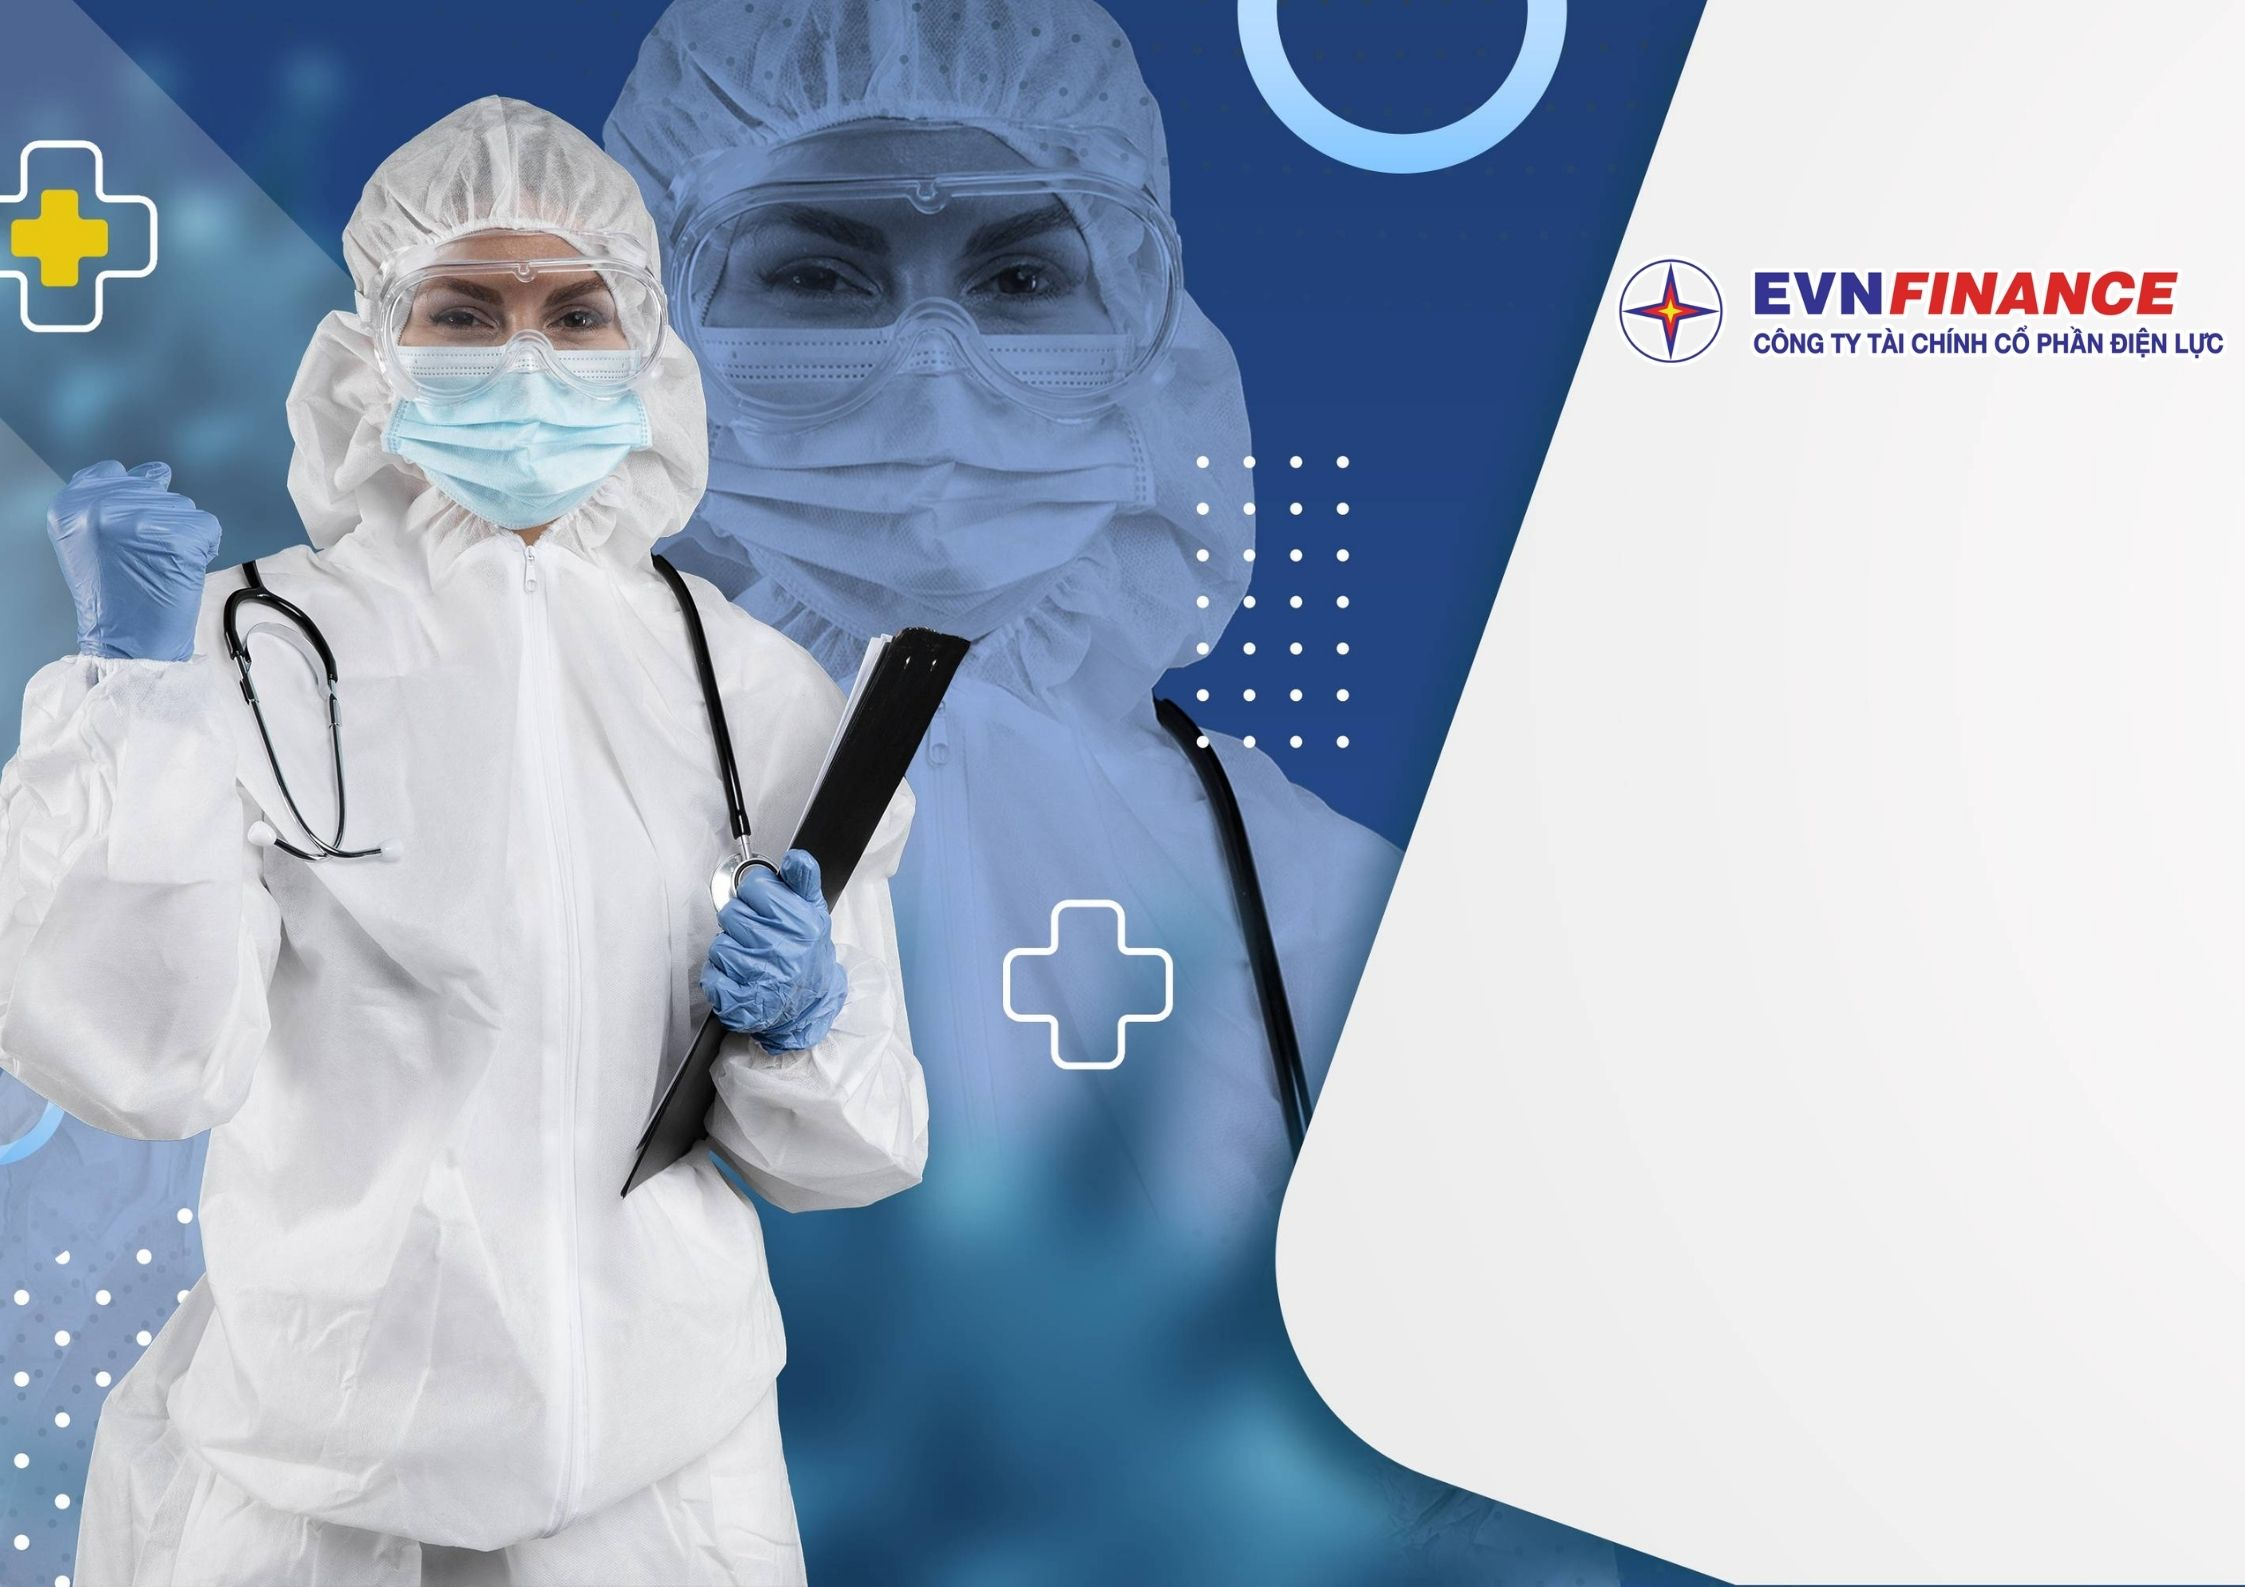 EVNFinance chung tay ủng hộ phòng chống dịch COVID-19